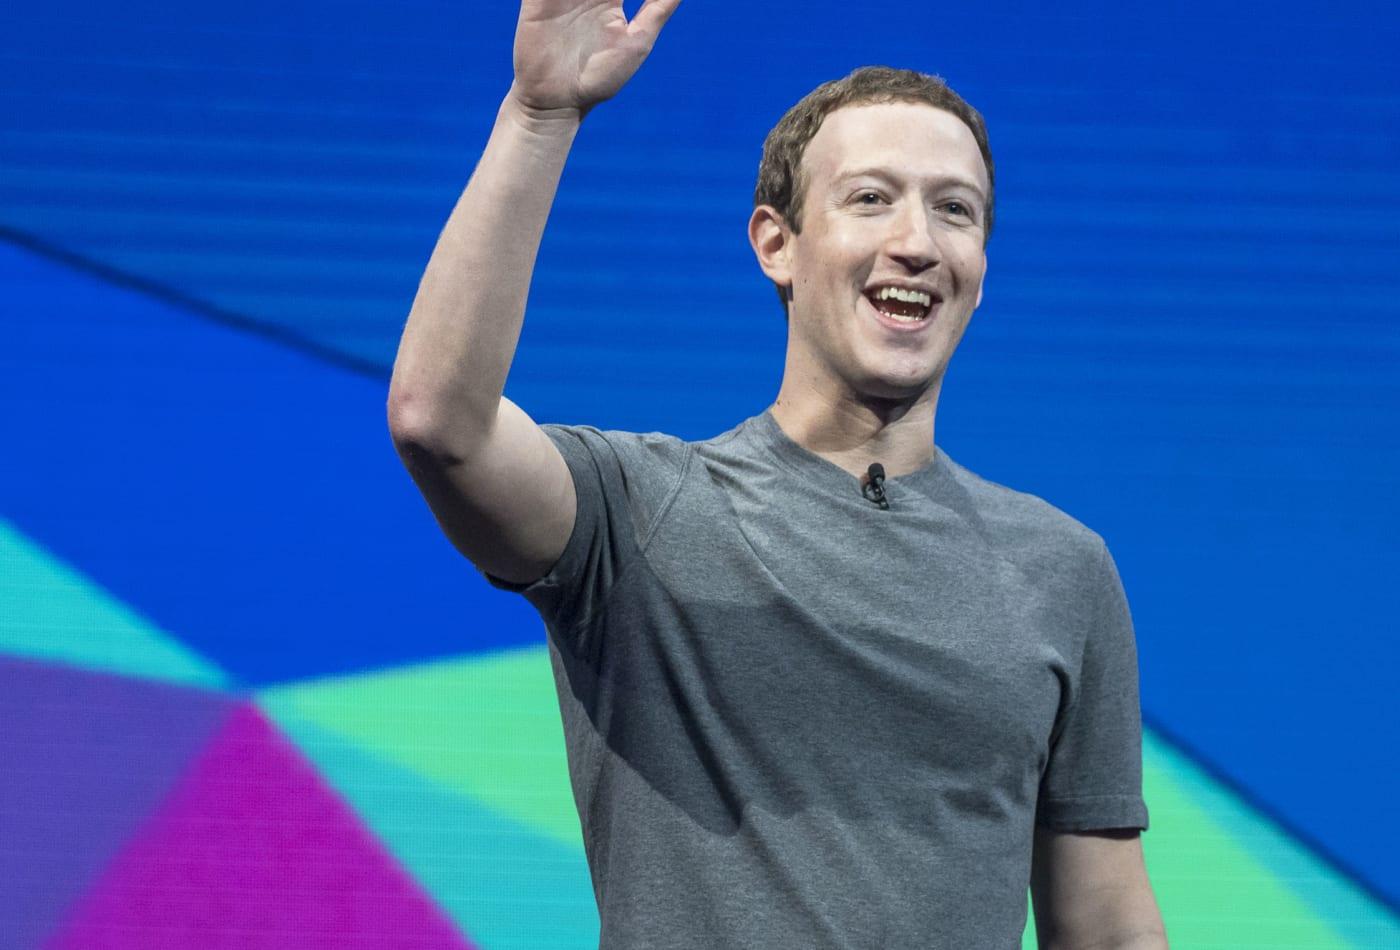 Problemas da vida o tornaram mais religioso, afirma Mark Zuckerberg